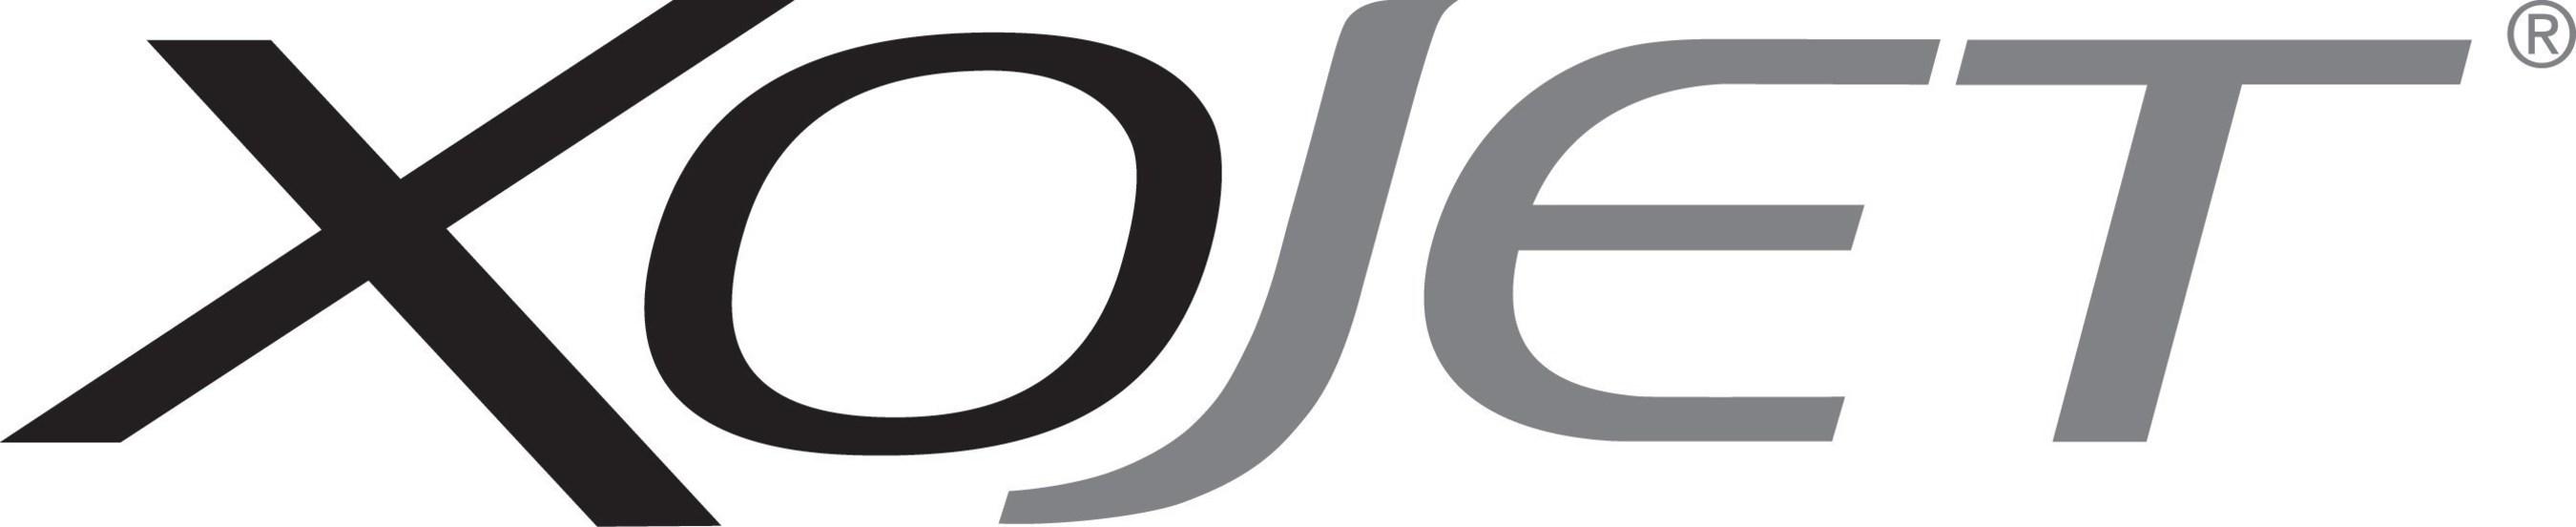 XOJET logo